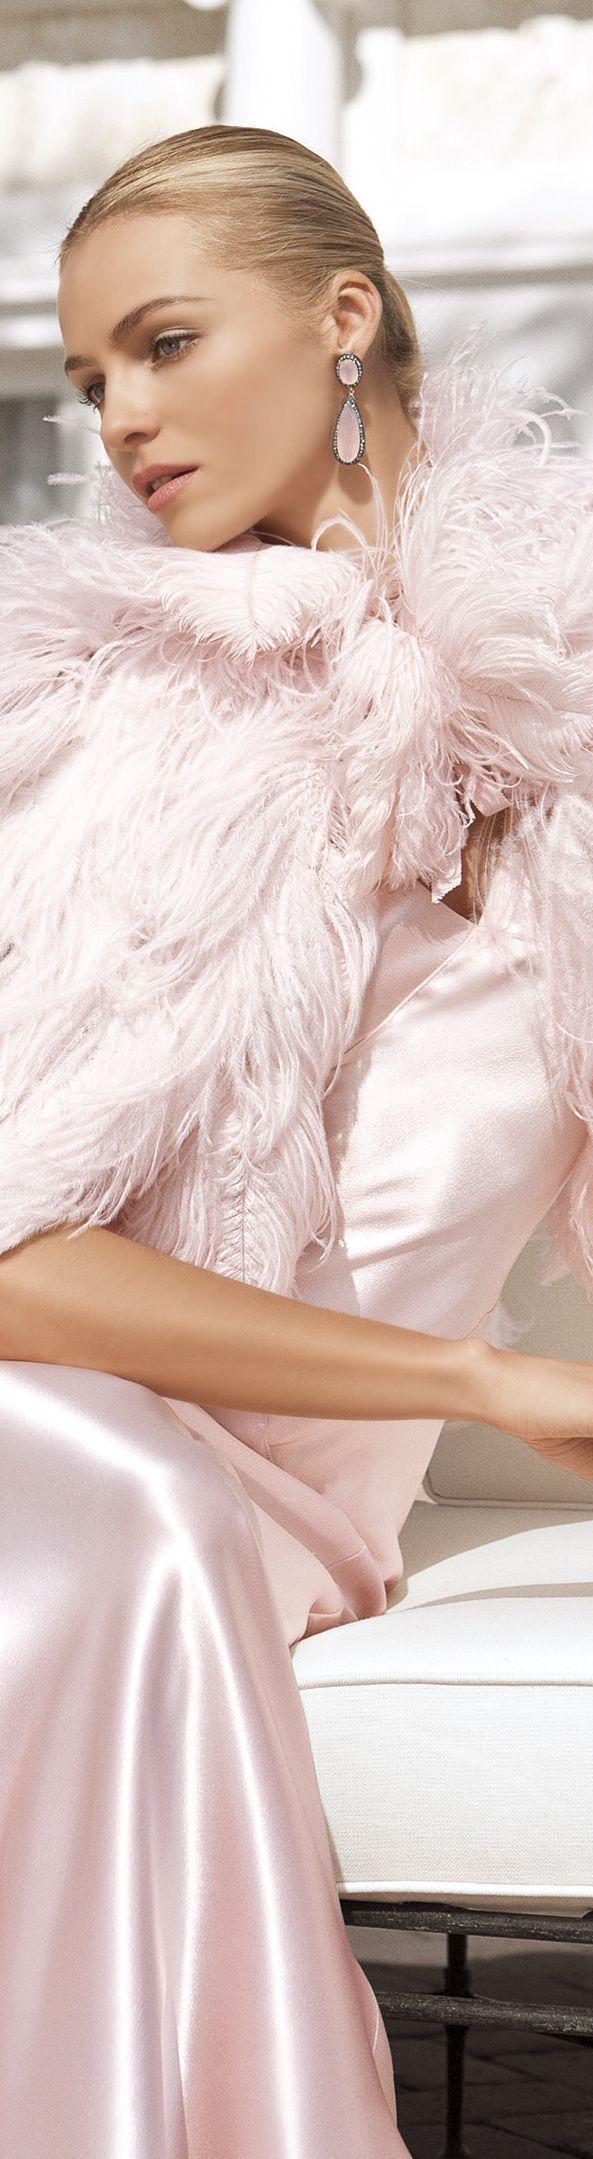 Valentina Zaliaeva for Ralph Lauren